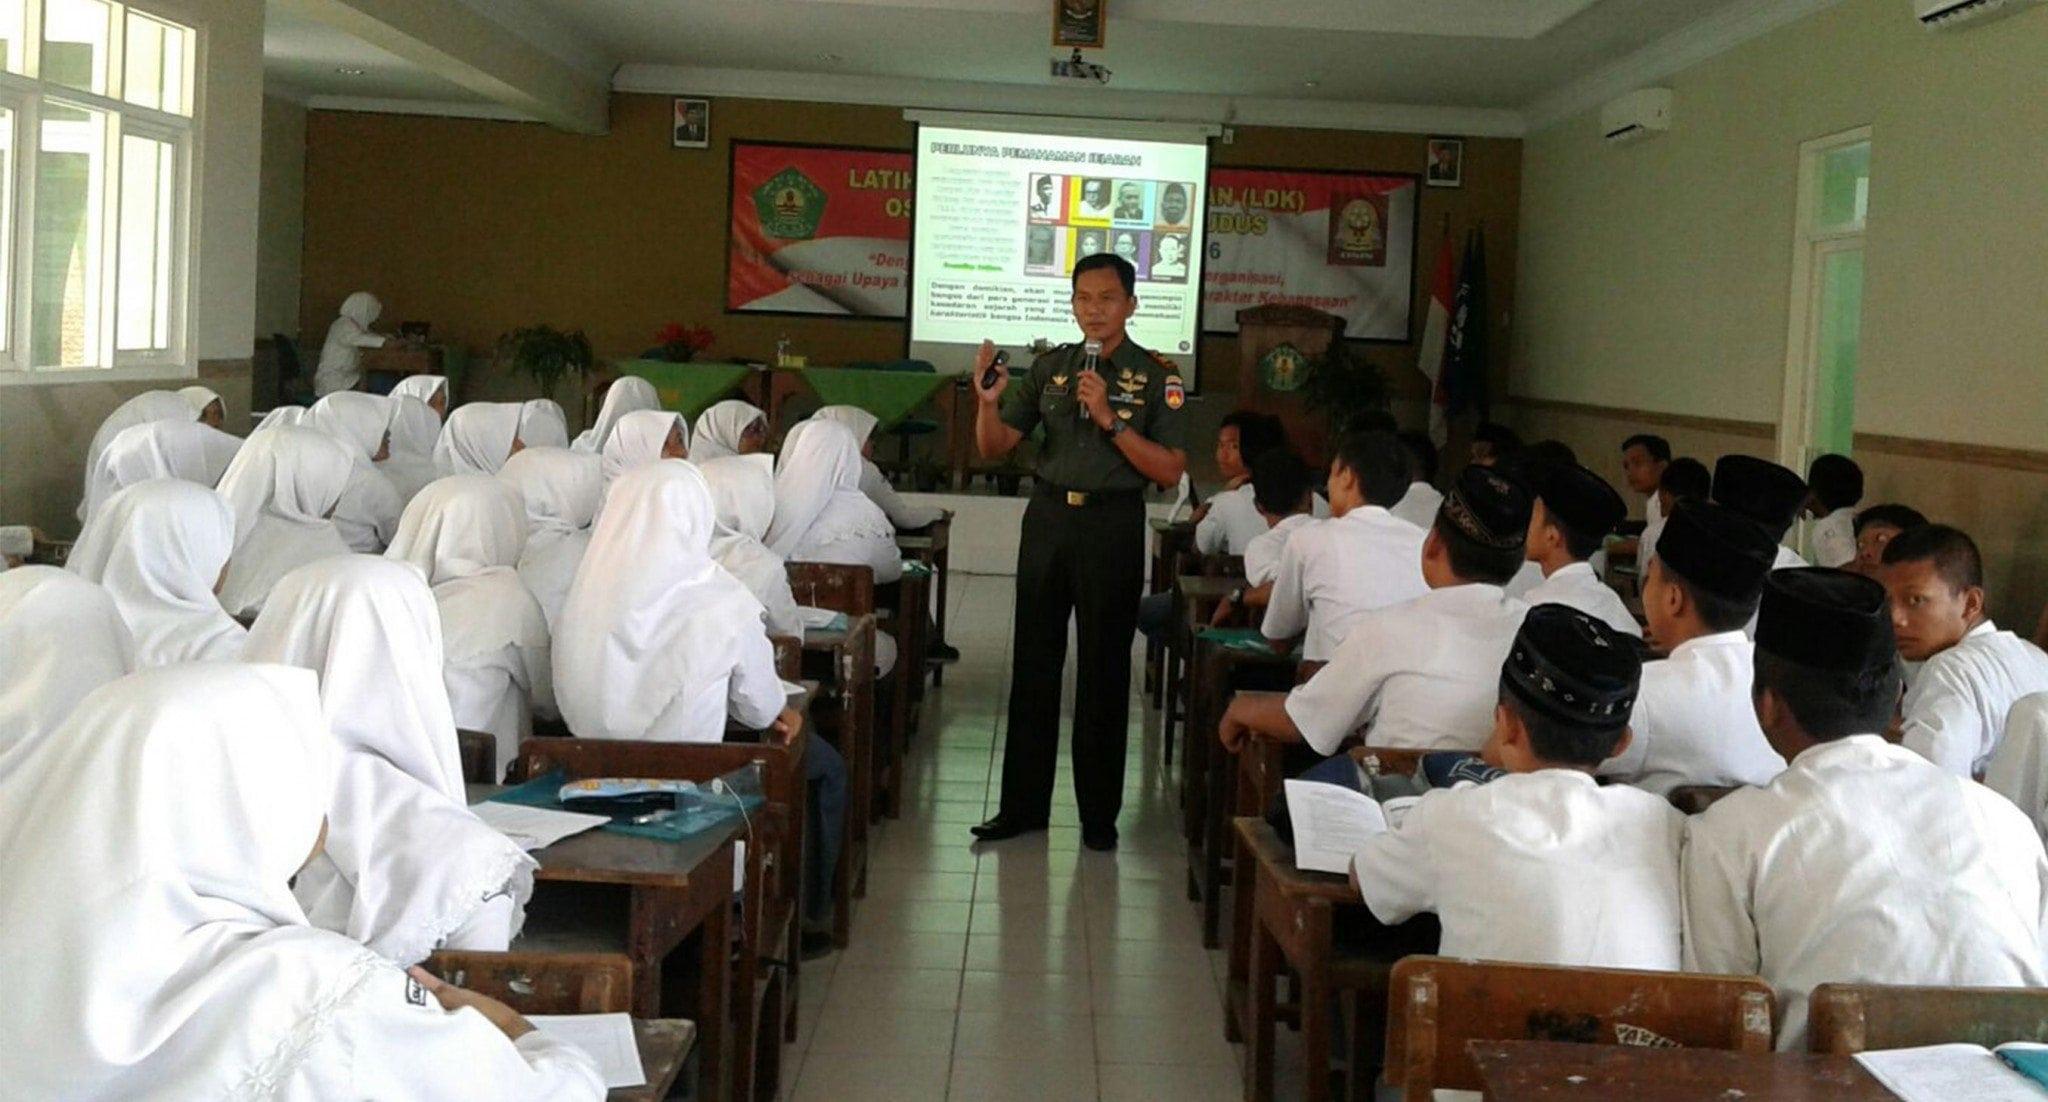 Kodim Kudus Tumbuhkan Semangat Bela Negara Kepada Pelajar